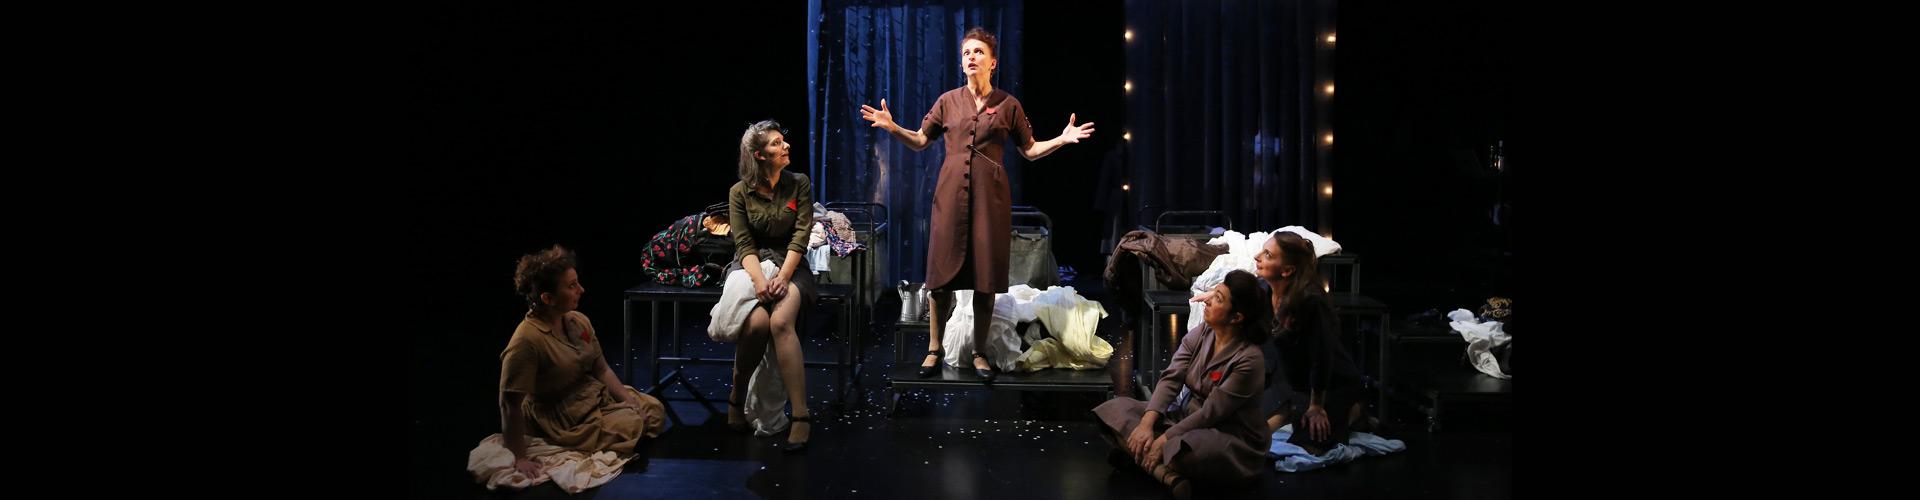 Compagnie-Nosferatu-spectacle-operette-R